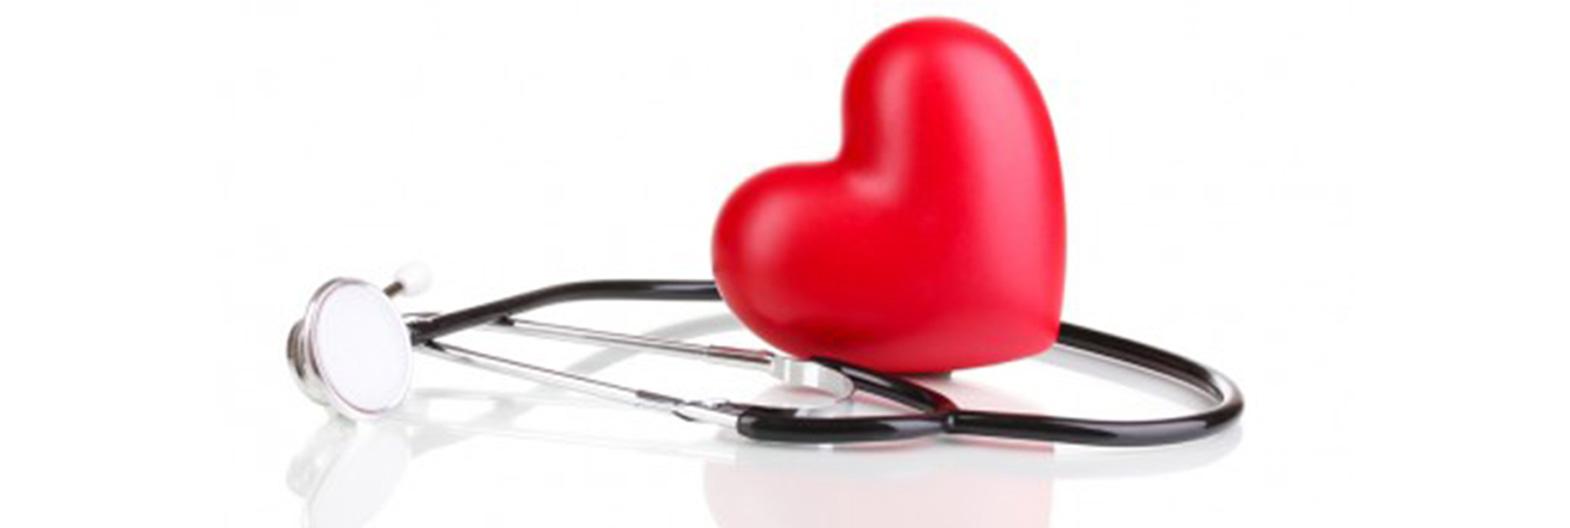 antrinės hipertenzijos diagnozė)